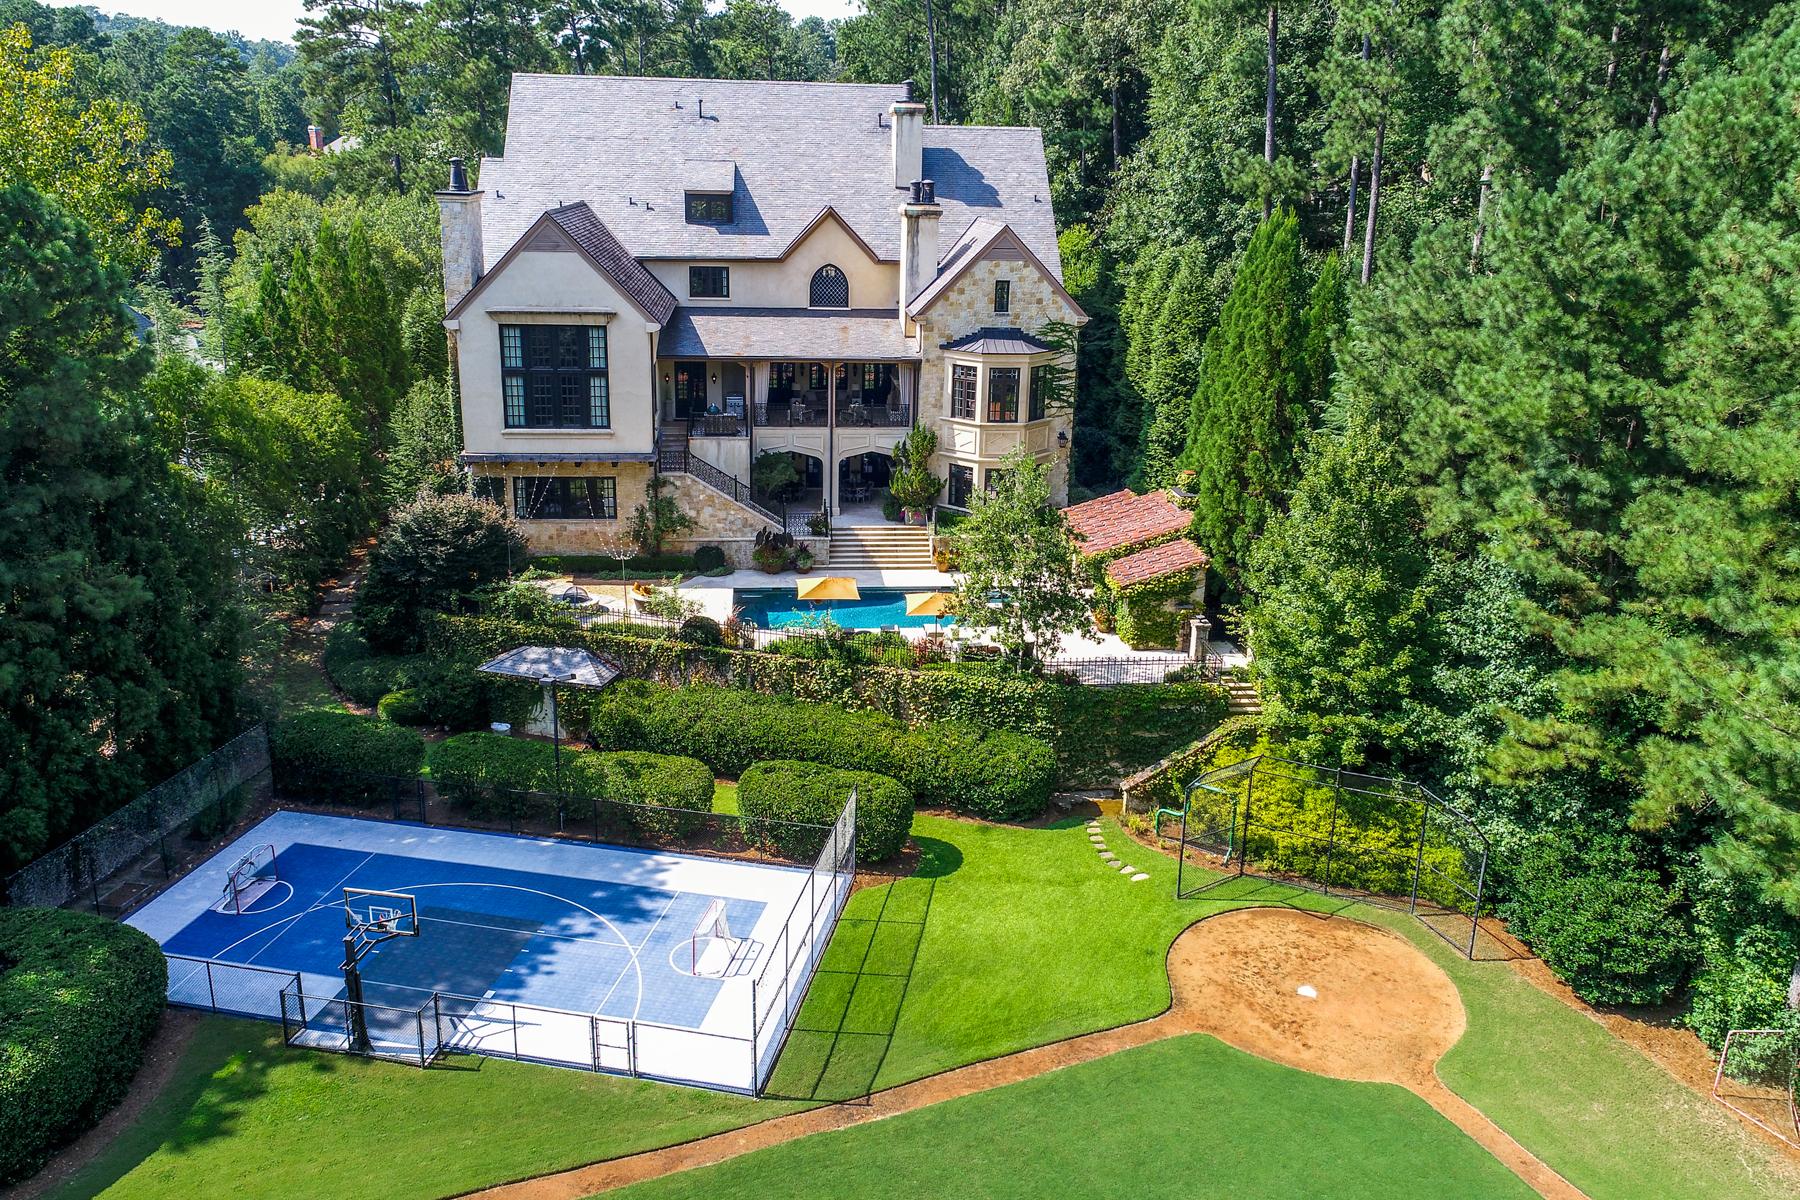 Частный односемейный дом для того Продажа на Extraordinary Field Of Dreams Legacy Family Estate 910 Hurleston Lane Johns Creek, Джорджия 30022 Соединенные Штаты